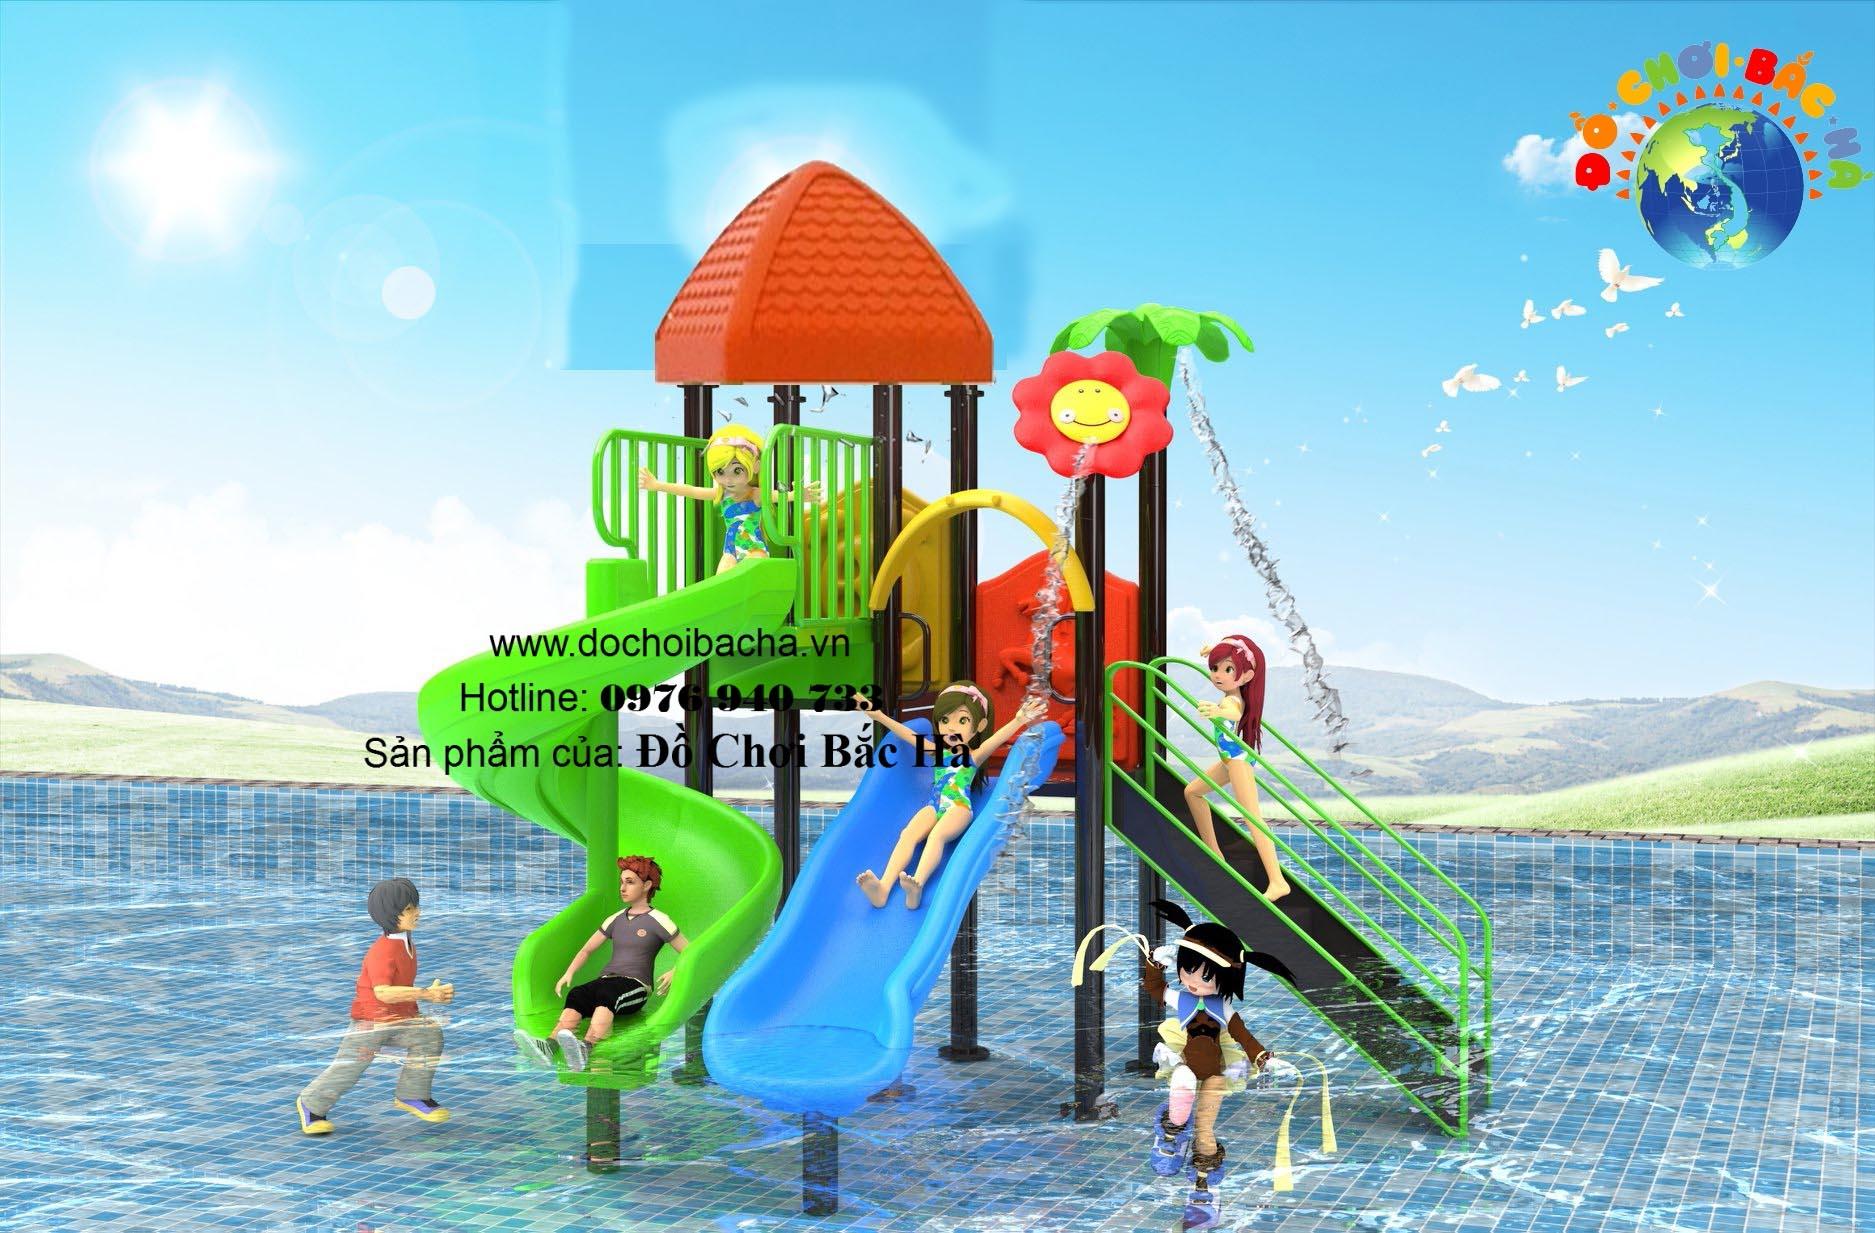 Cầu trượt bể bơi số 4